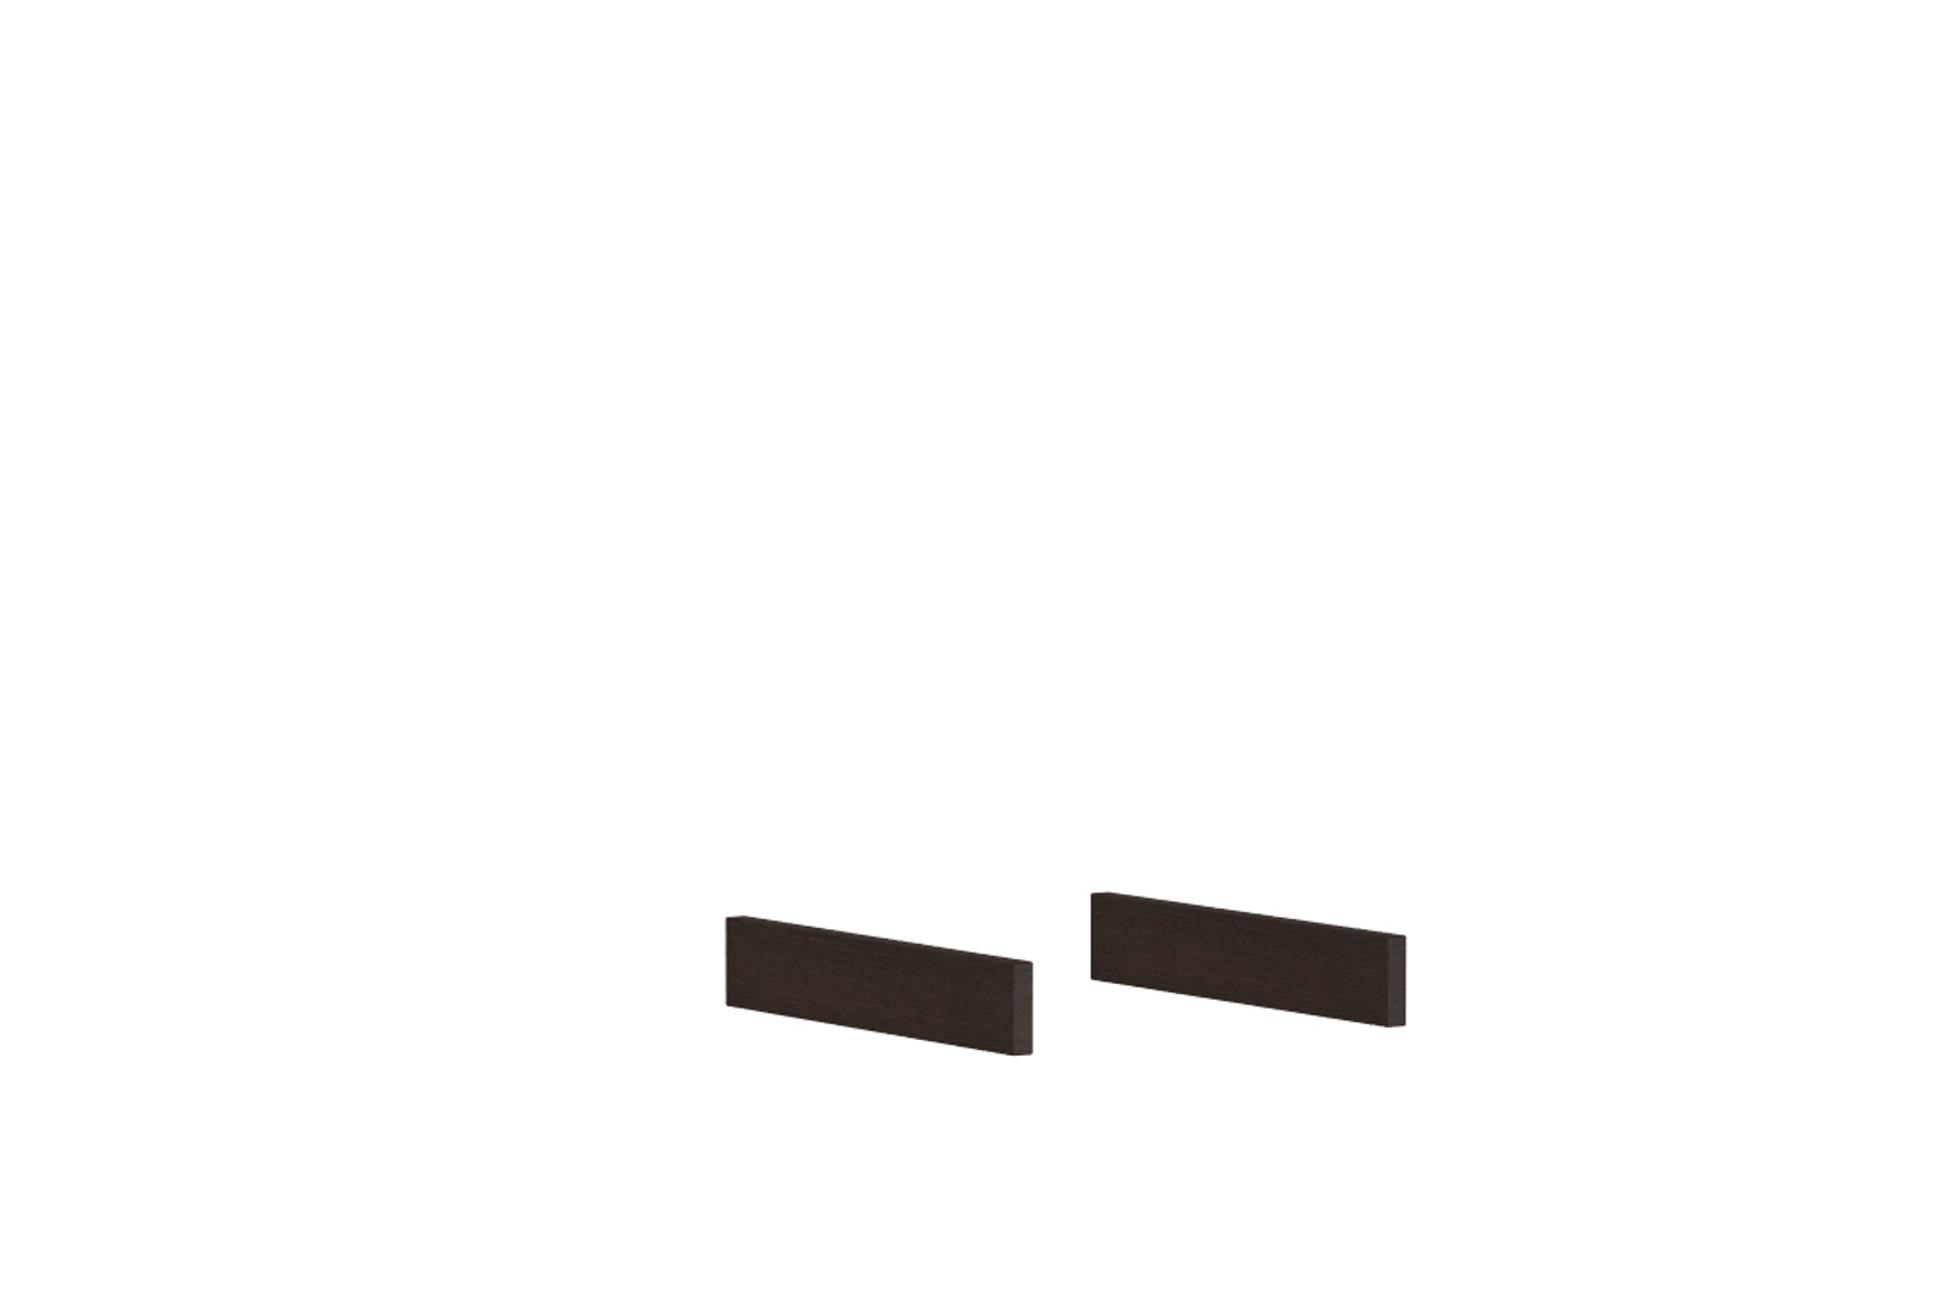 Комплект боковых цоколей Глейс 83 АнгстремСтеллажи и полки<br><br><br>Артикул: B12.096.00<br>Высота: 60<br>Ширина: 15<br>Глубина: 348